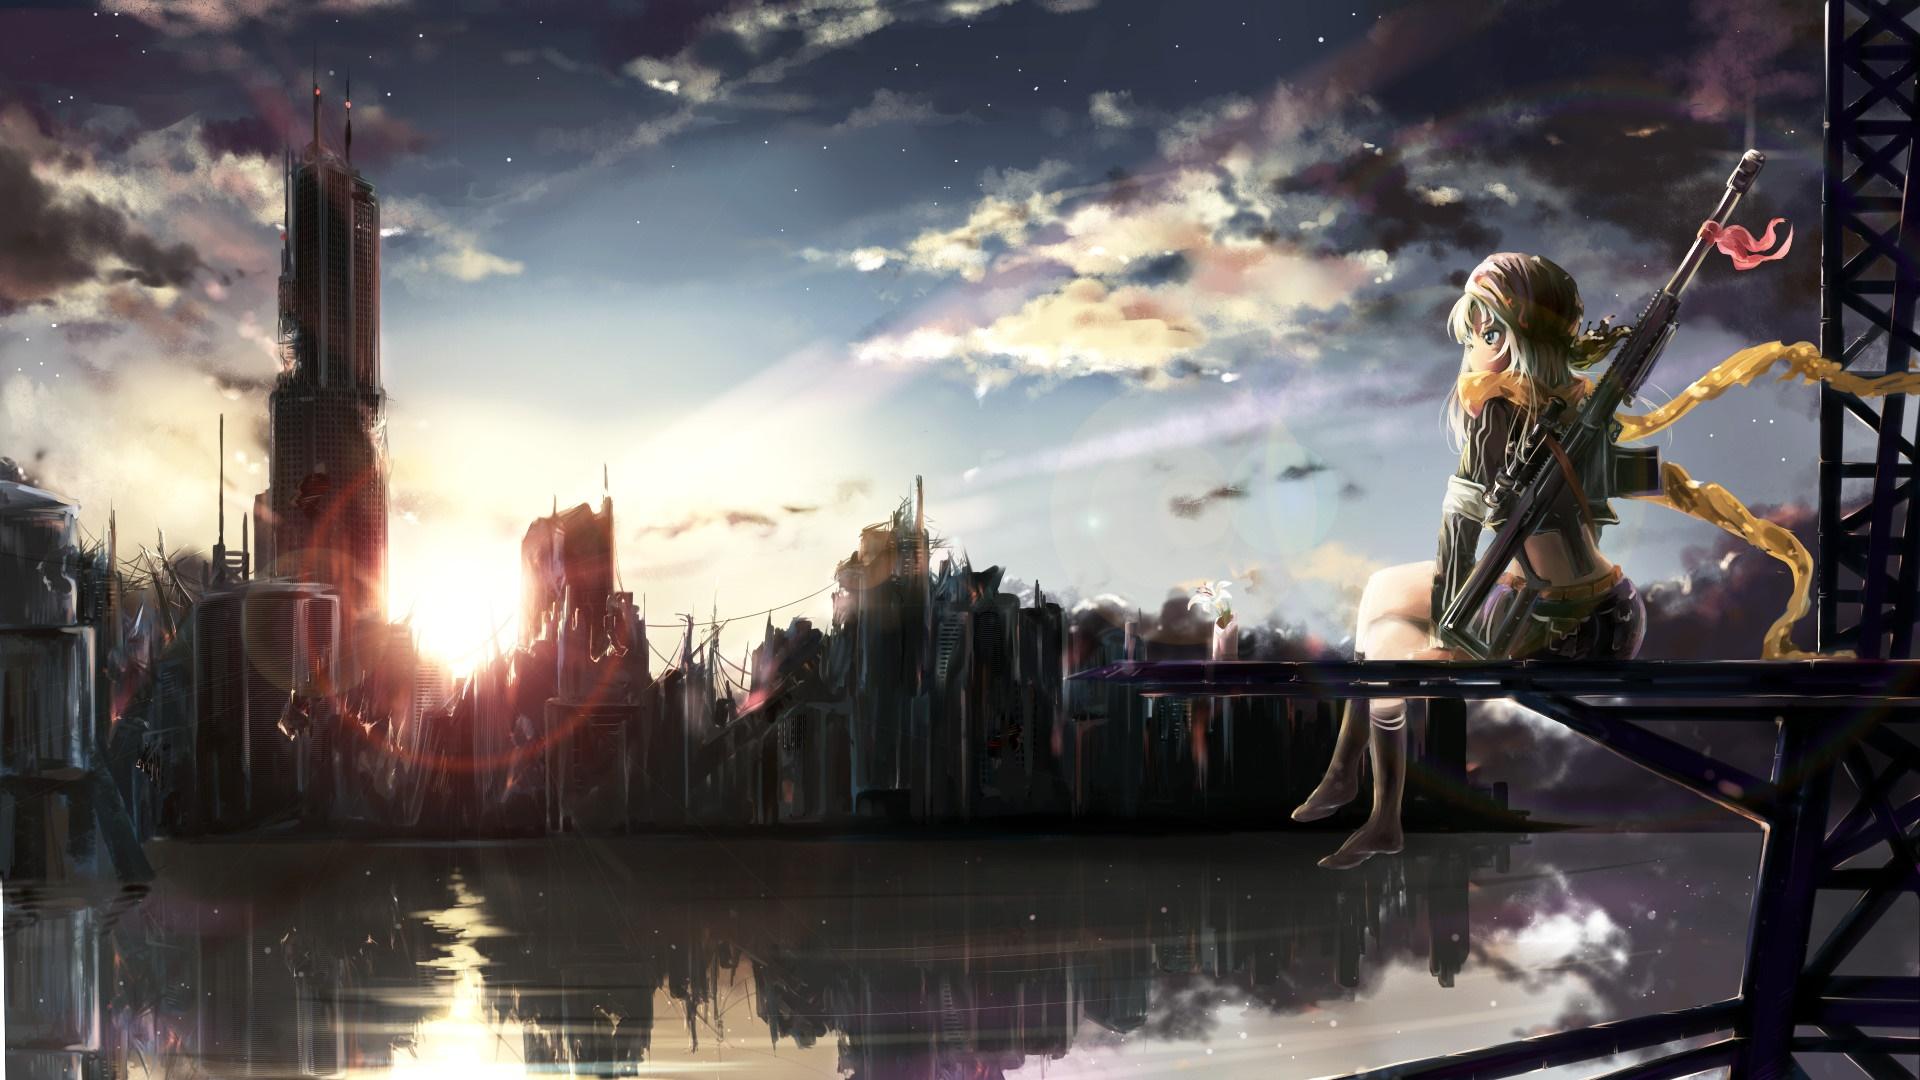 Sniper anime girl wallpaper